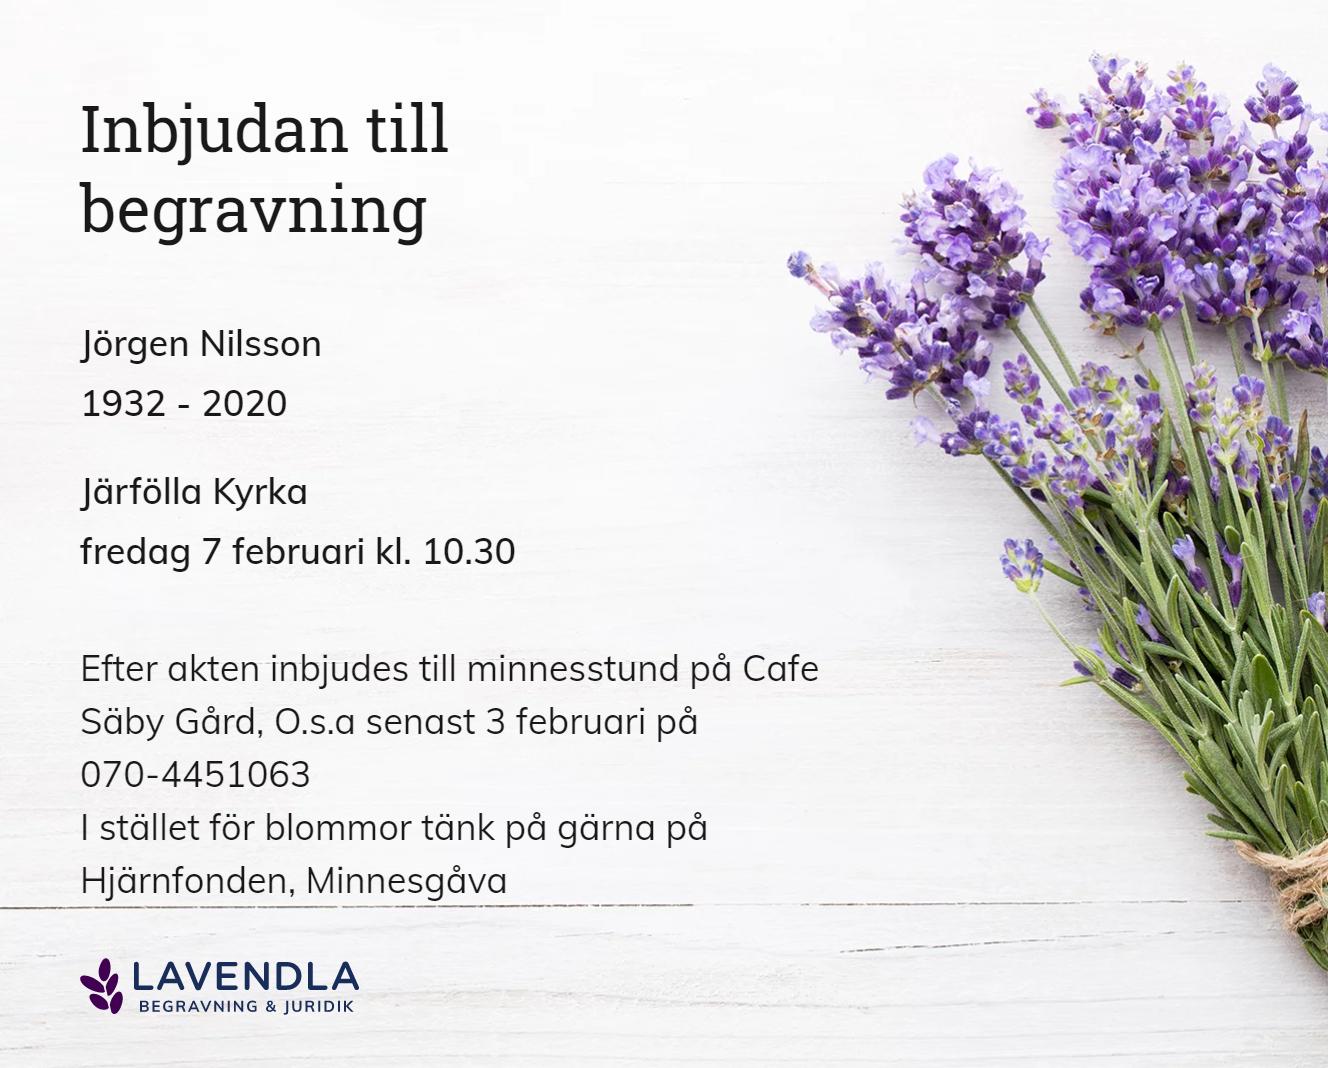 Inbjudningskort till ceremonin för Jörgen Nilsson